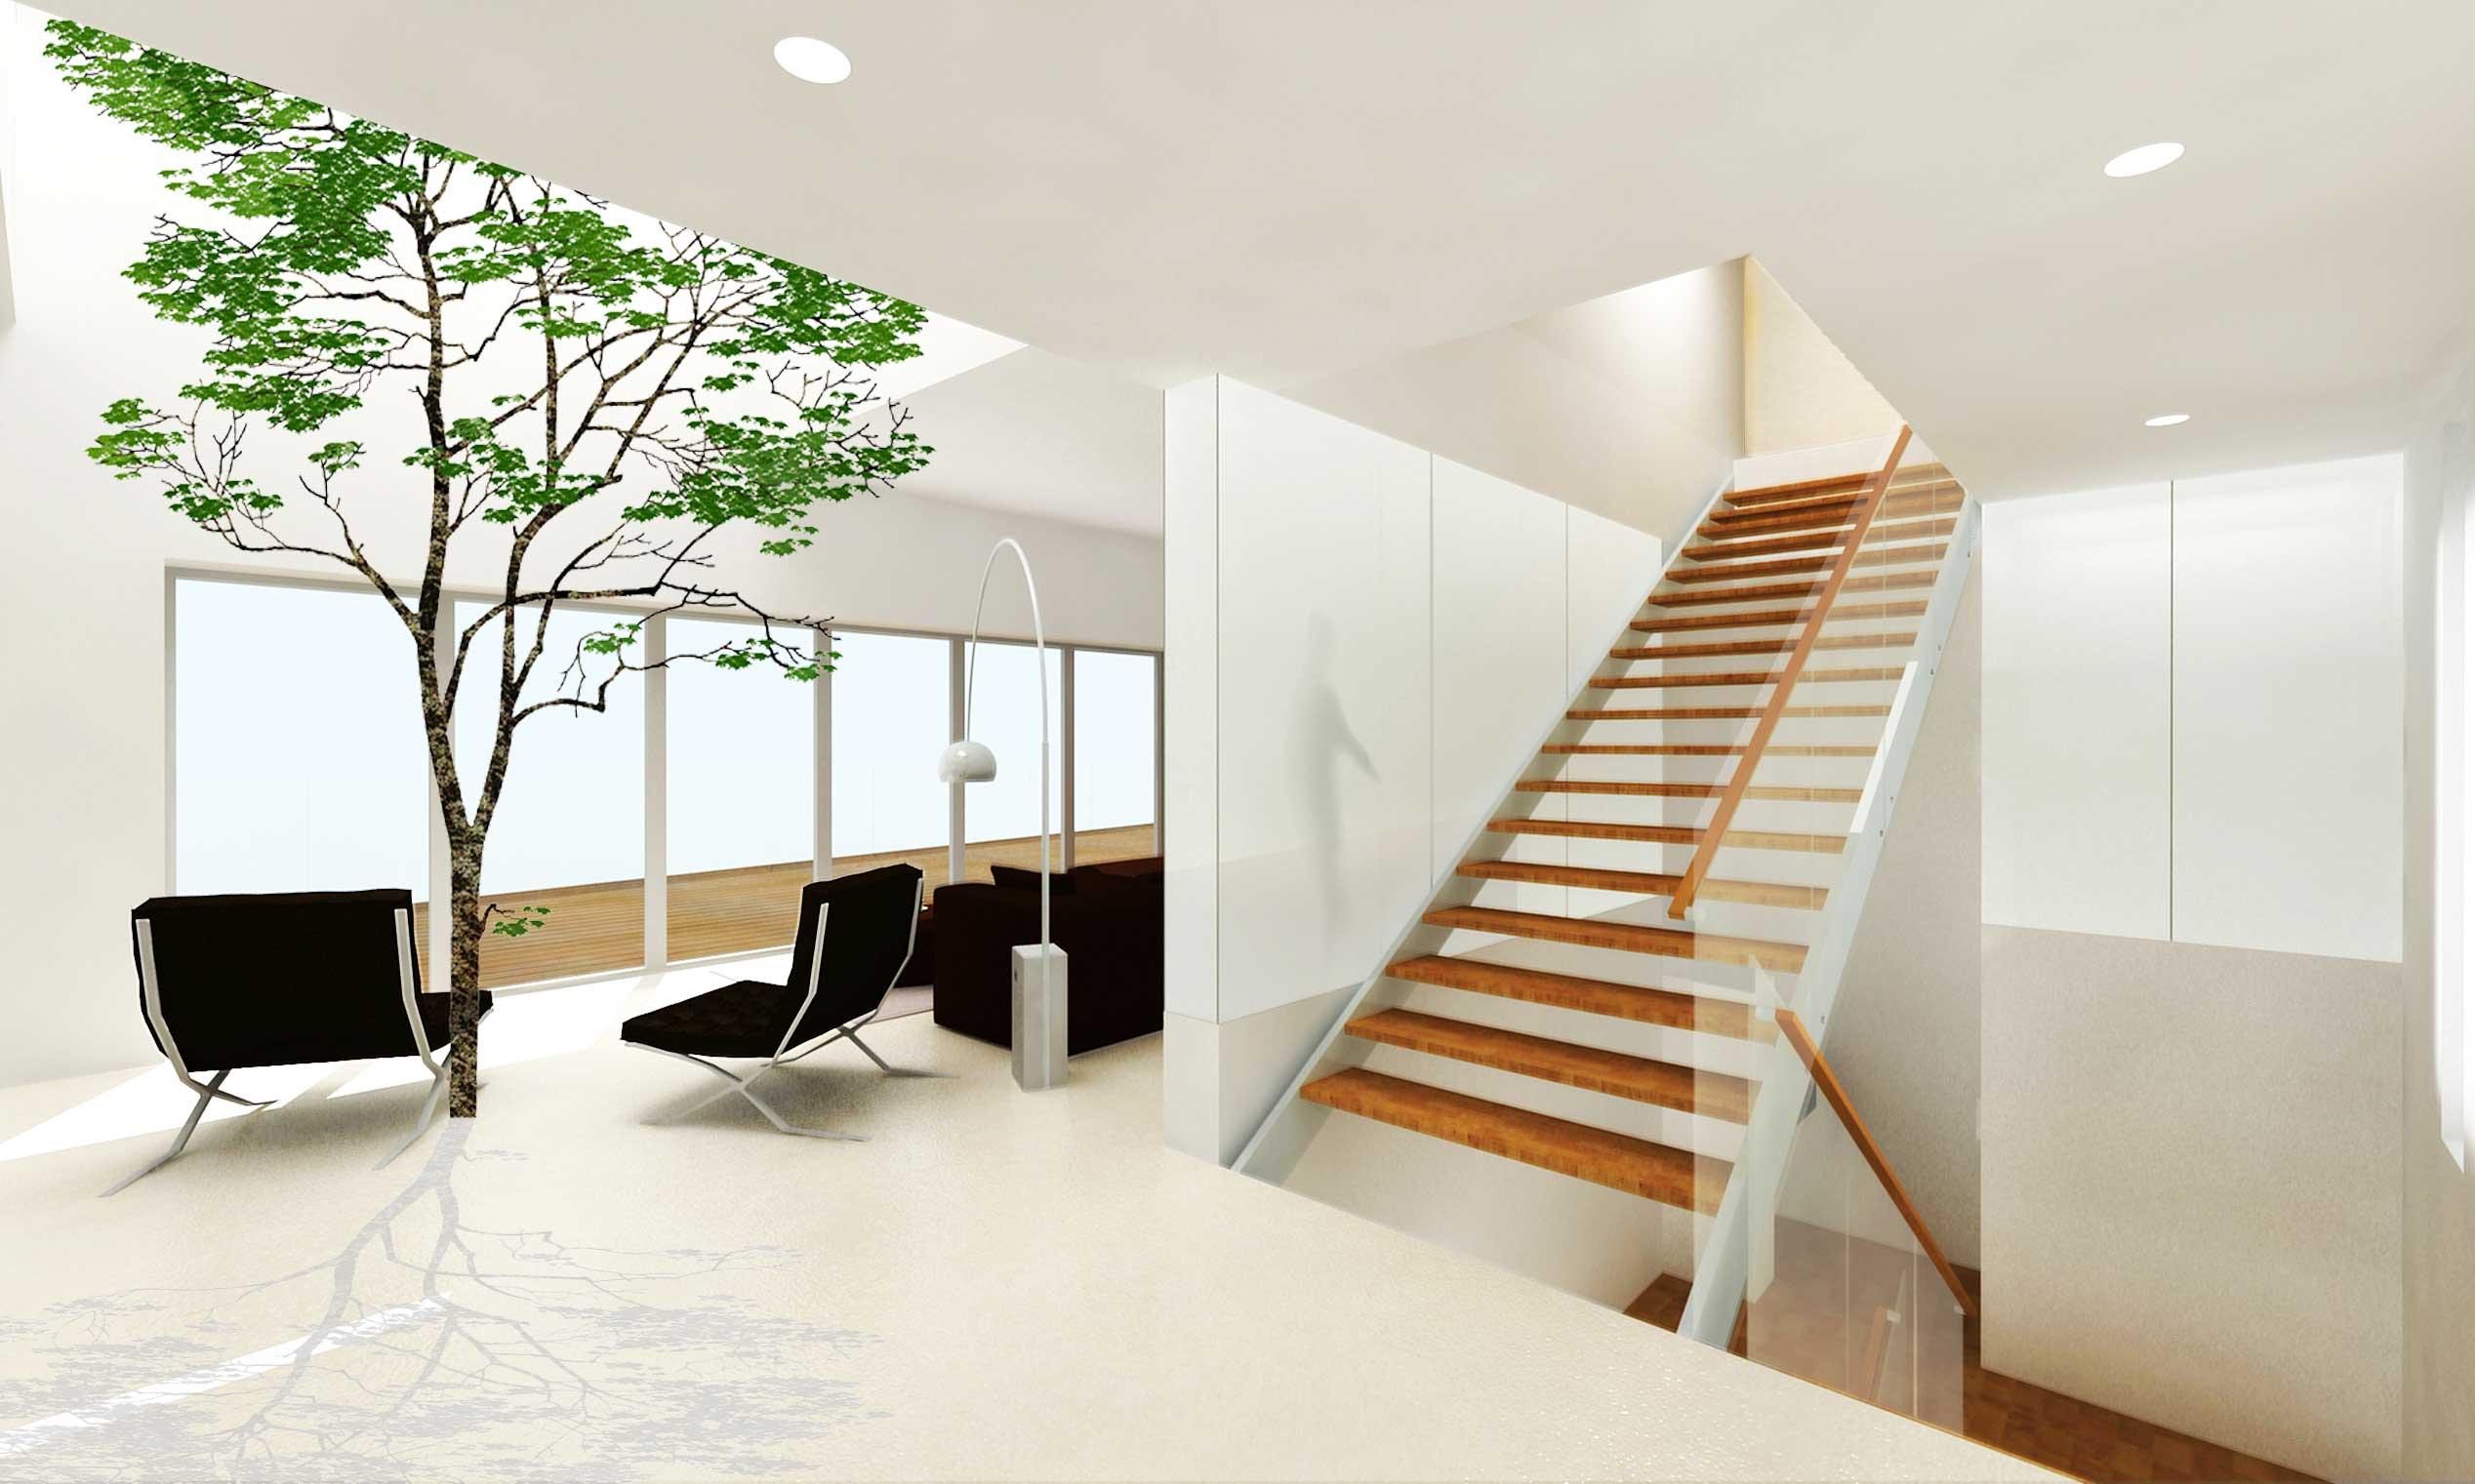 楼梯间柜子设计图片展示